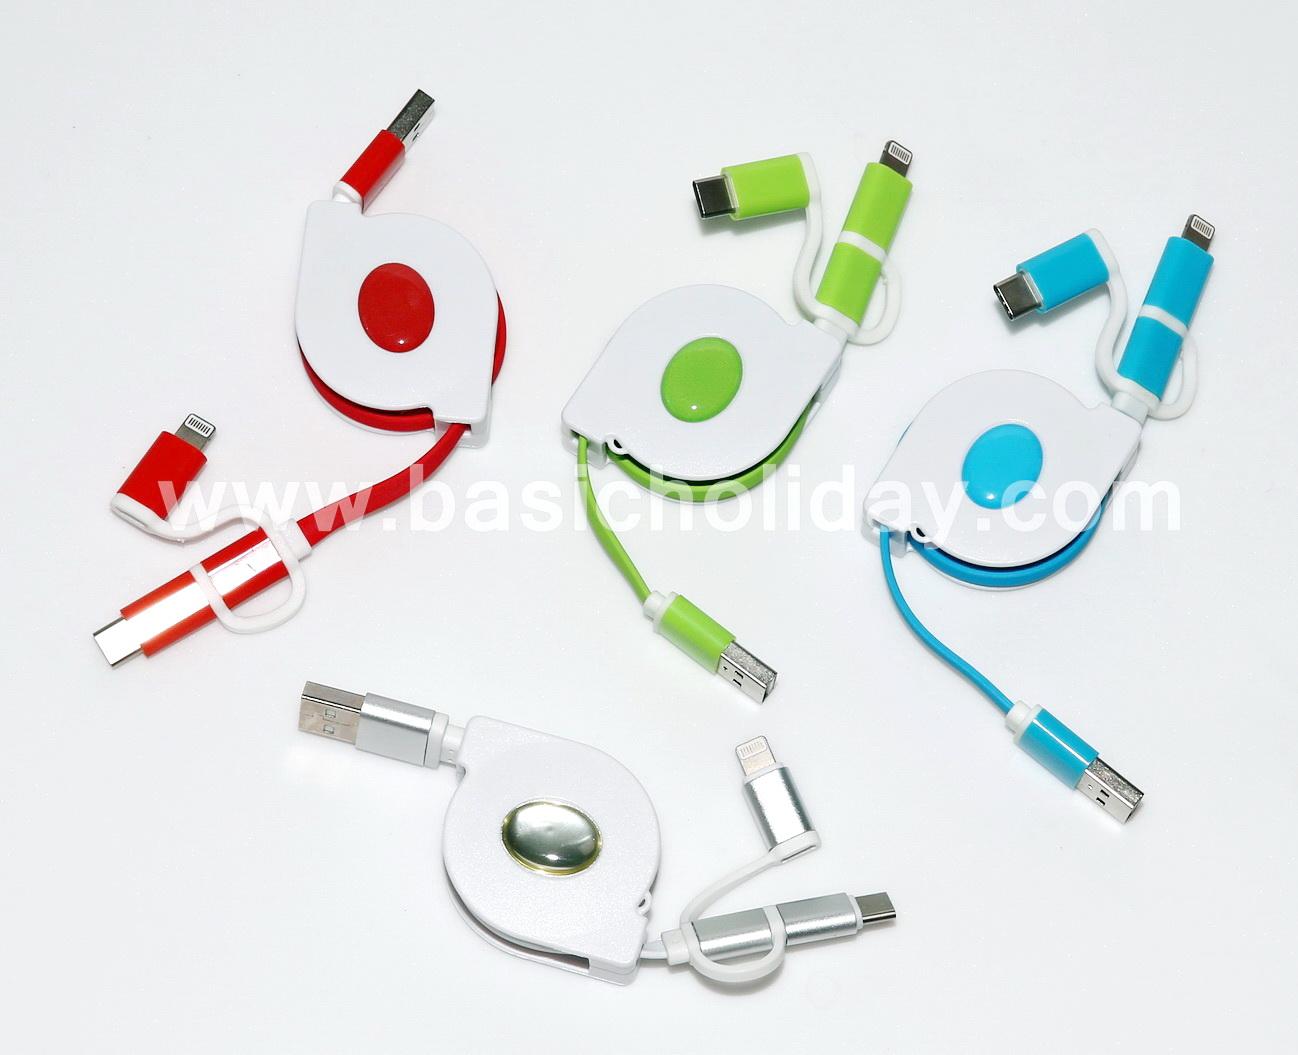 สายชาร์จโทรศัพท์ 3 หัว (Android,ios,Typy C)